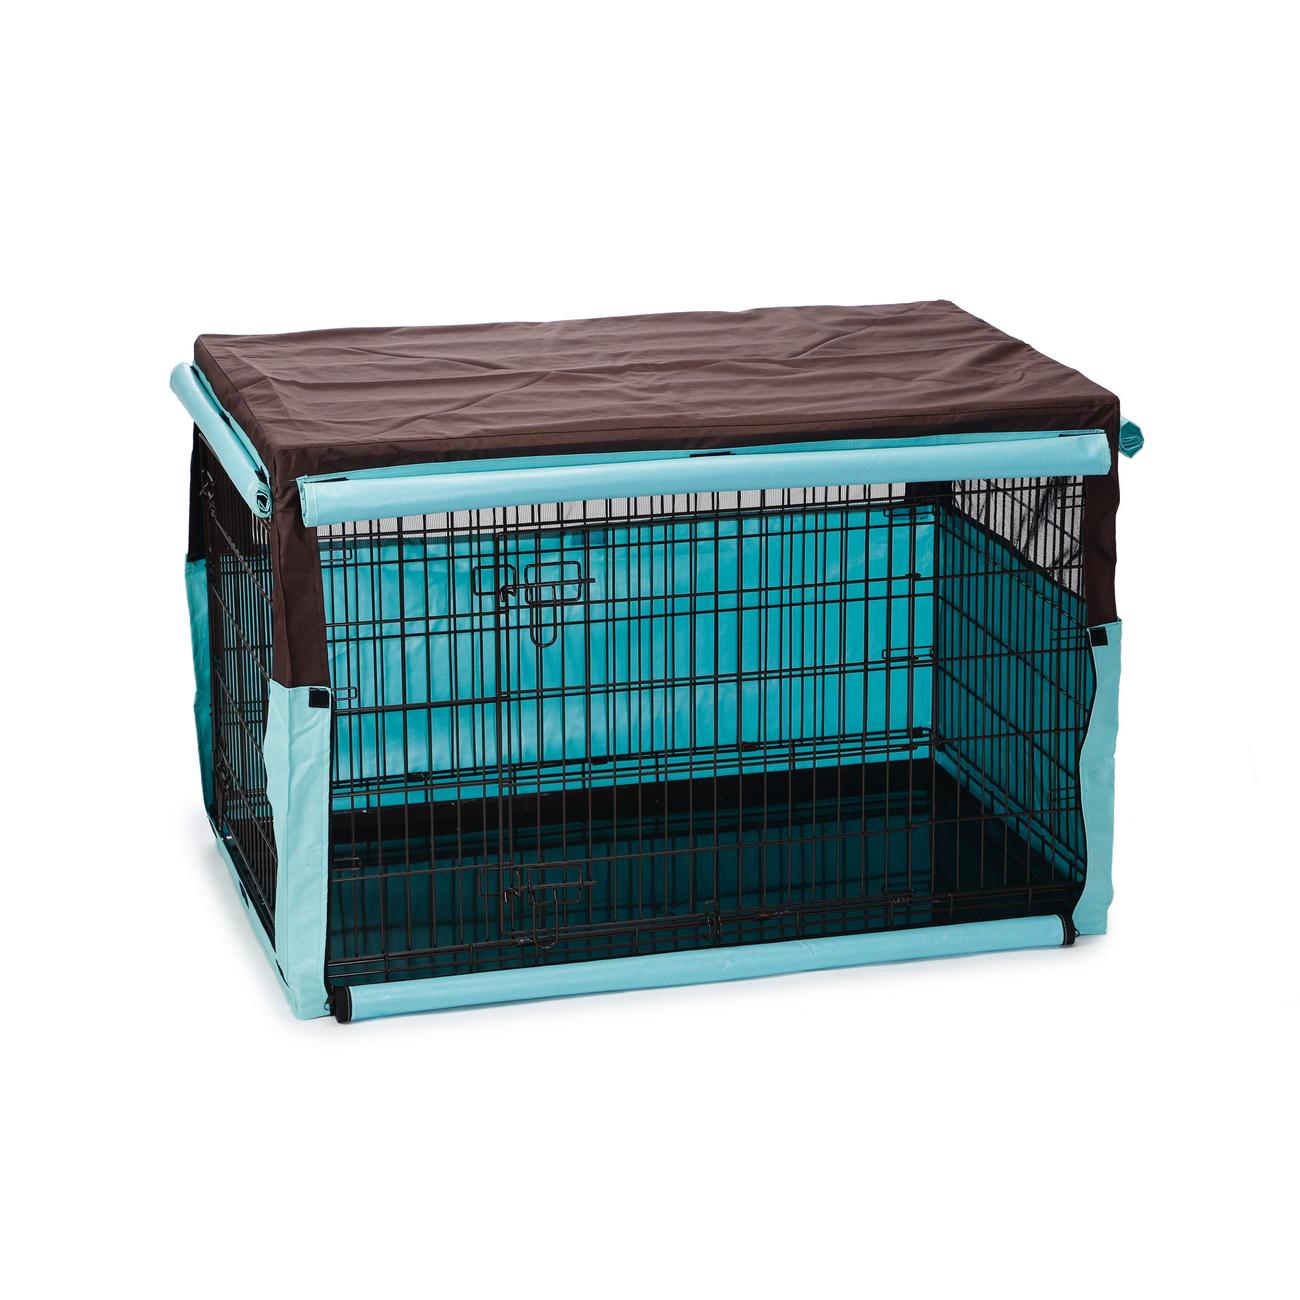 Beeztees Gitterbox Überzug Benco für Bench